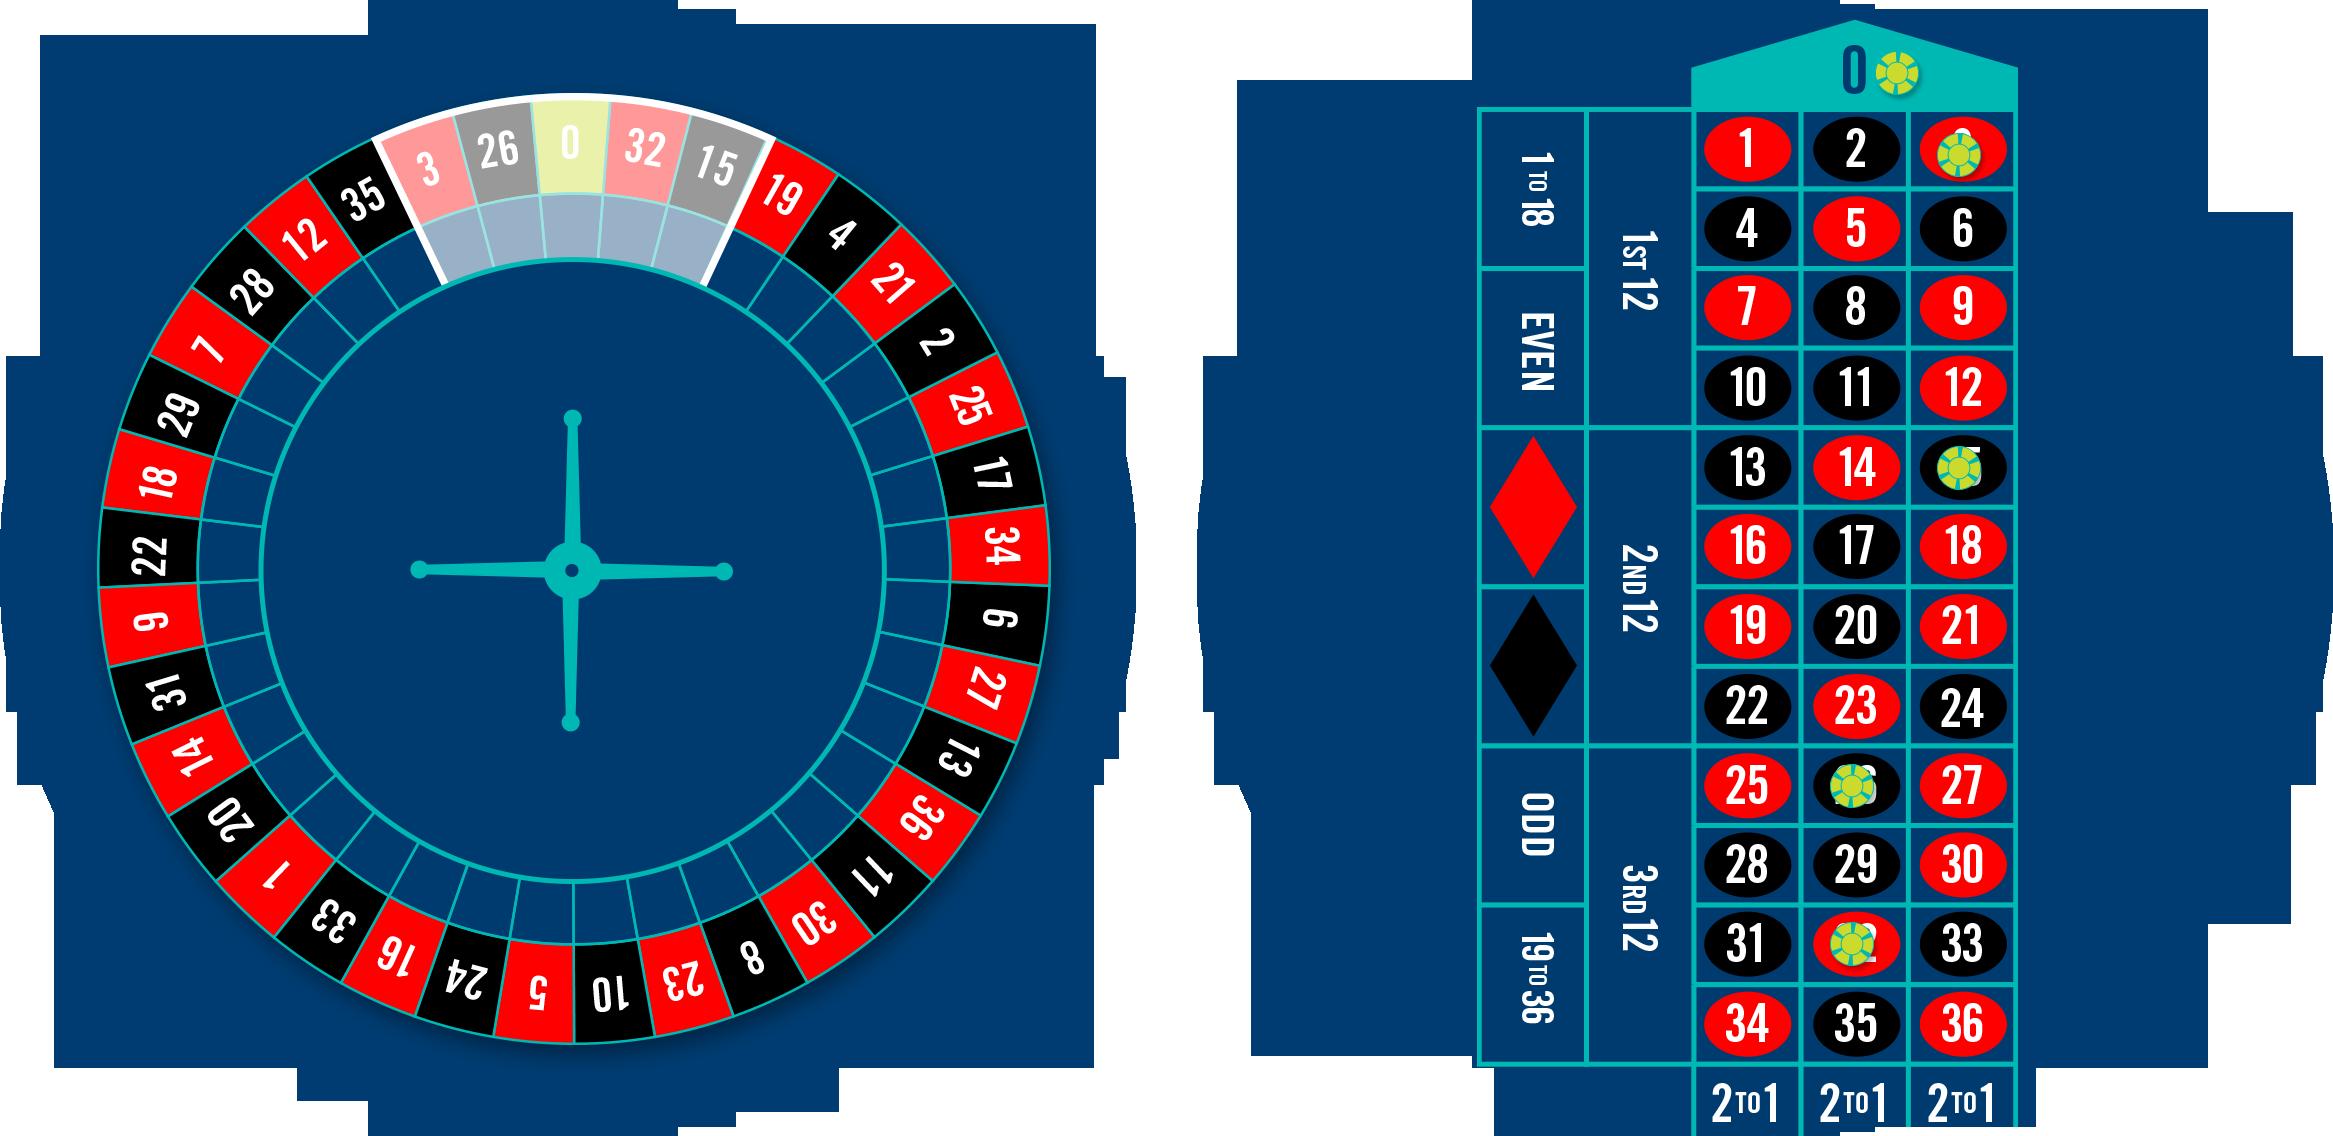 Une roue de Roulette dont les mises Voisins sont en surbrillance et une table de roulette comprenant 5 jetons placés sur les mises Voisins.